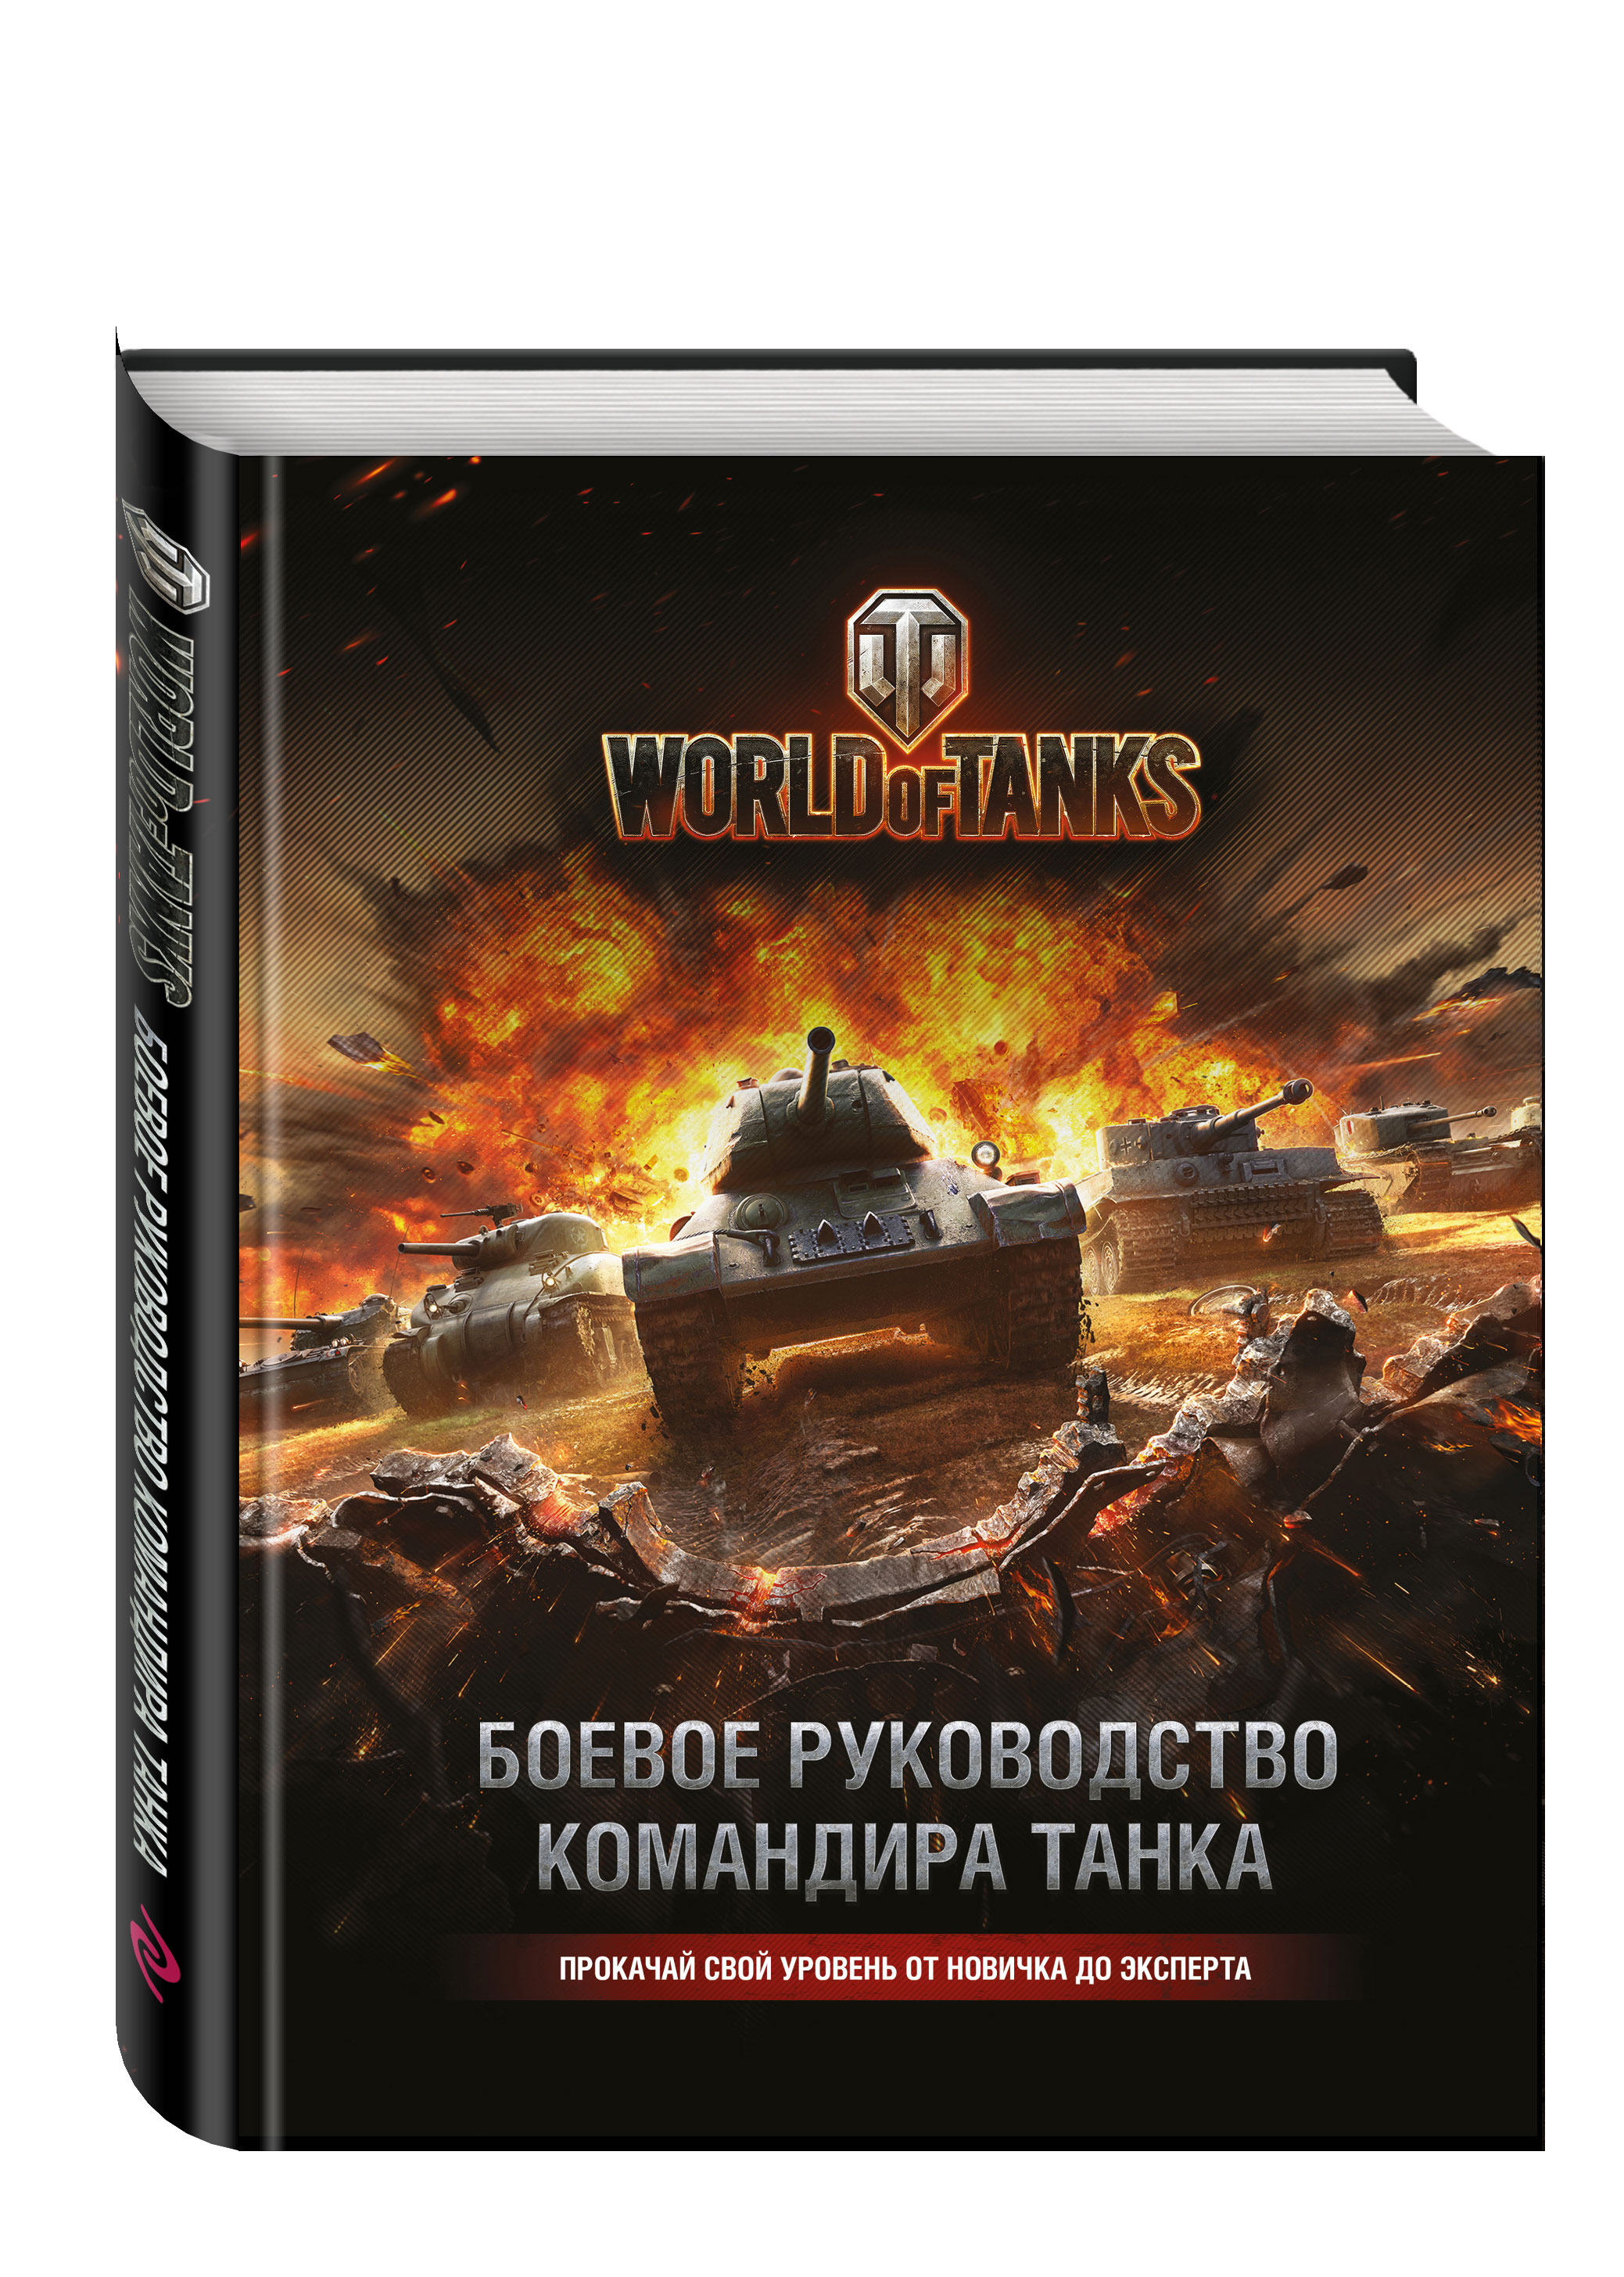 цена на Том Хэтфилд World of Tanks. Боевое руководство командира танка